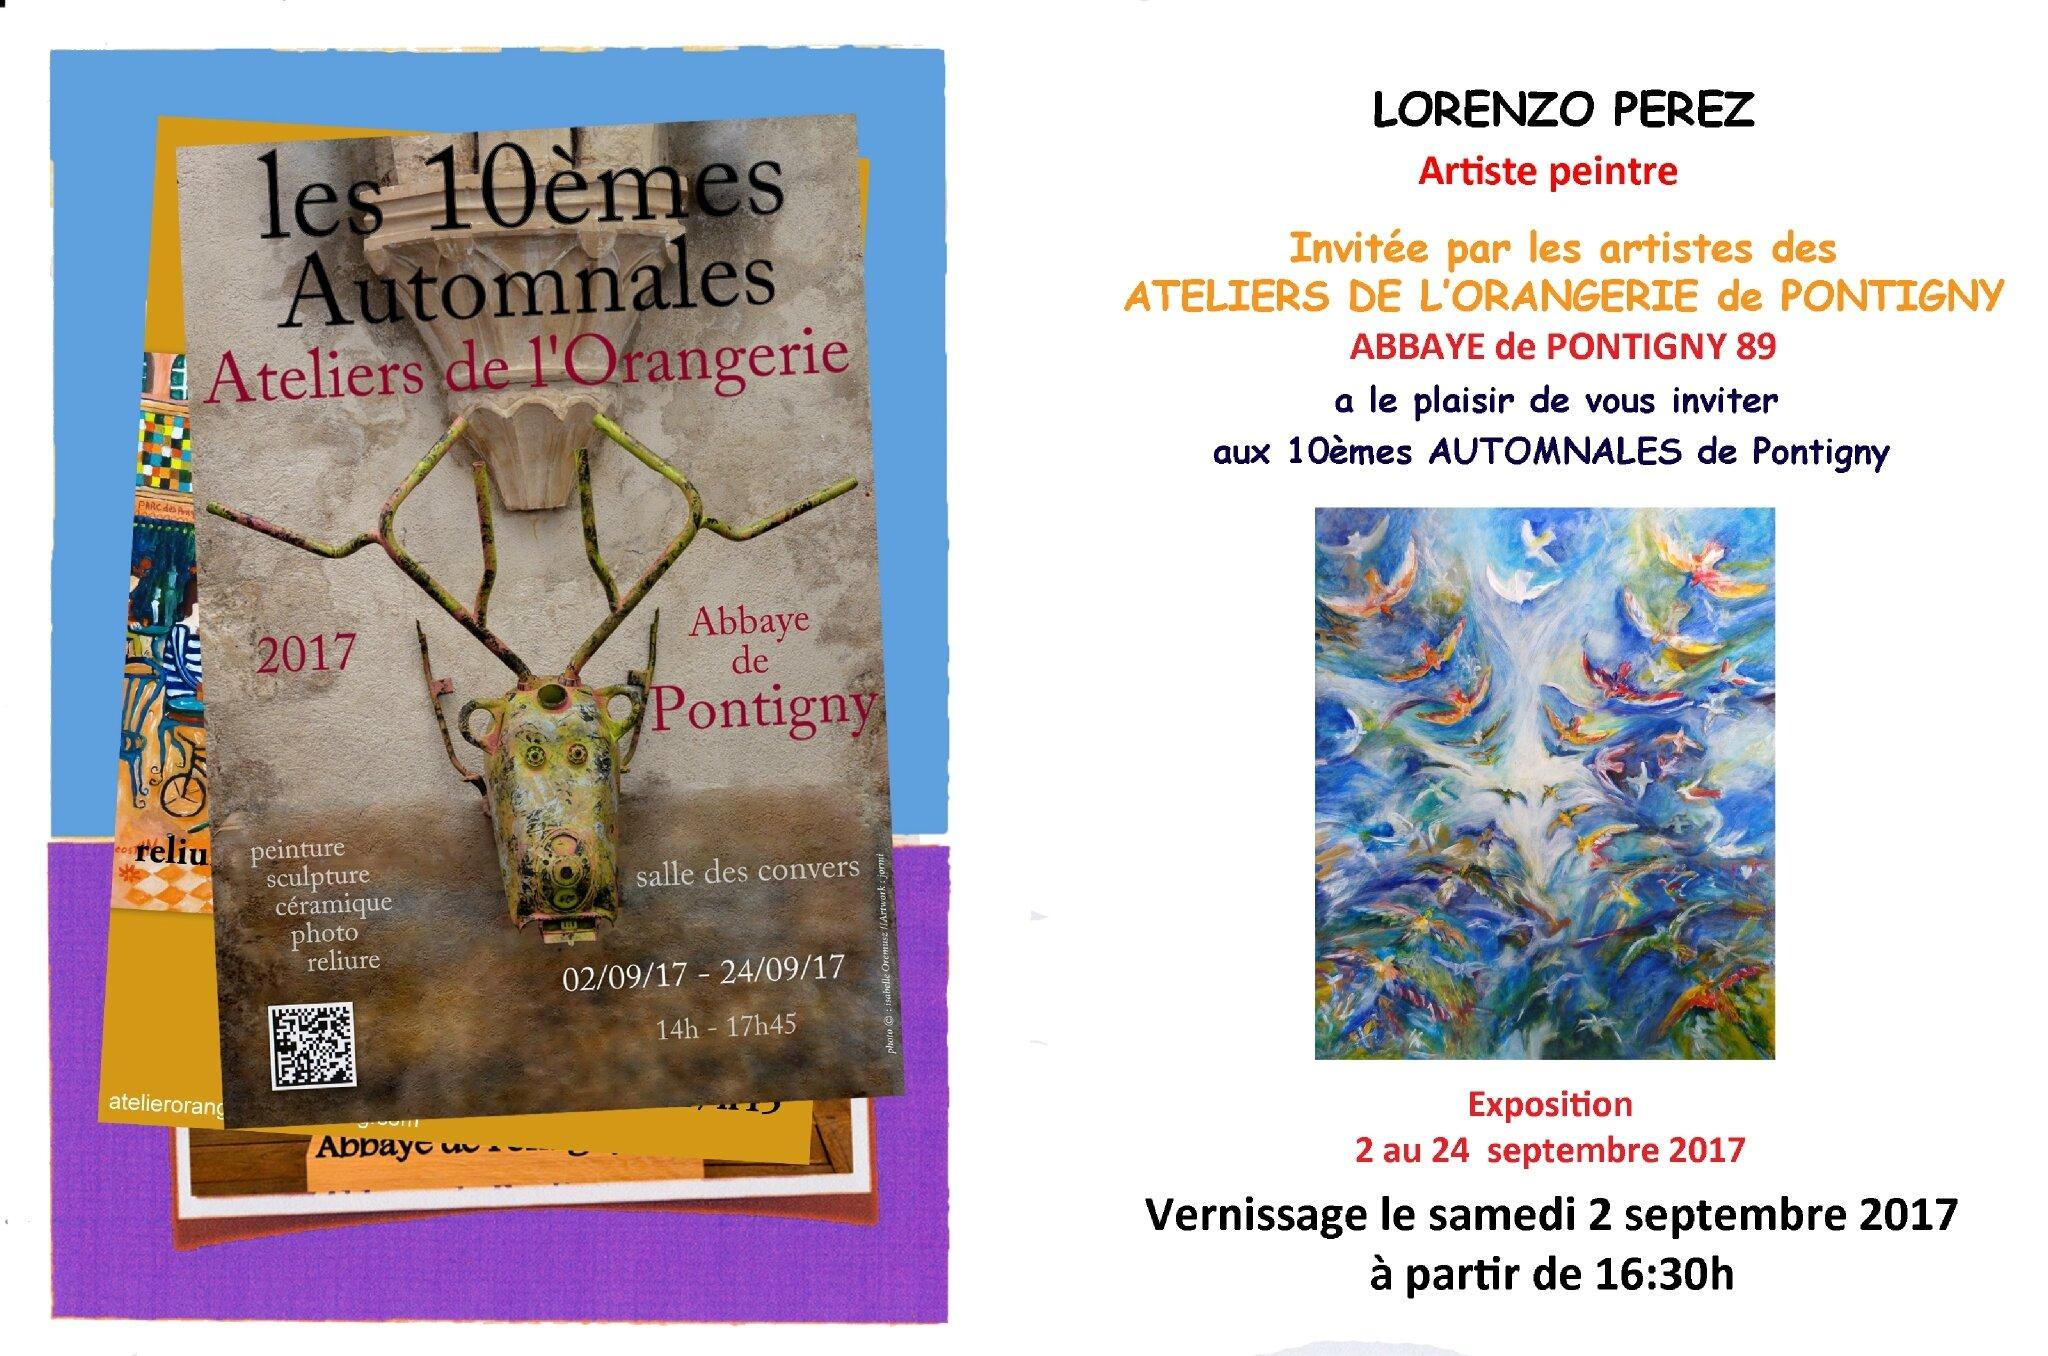 Exposition Xes Automnales des Ateliers de l'Orangerie - Pontigny